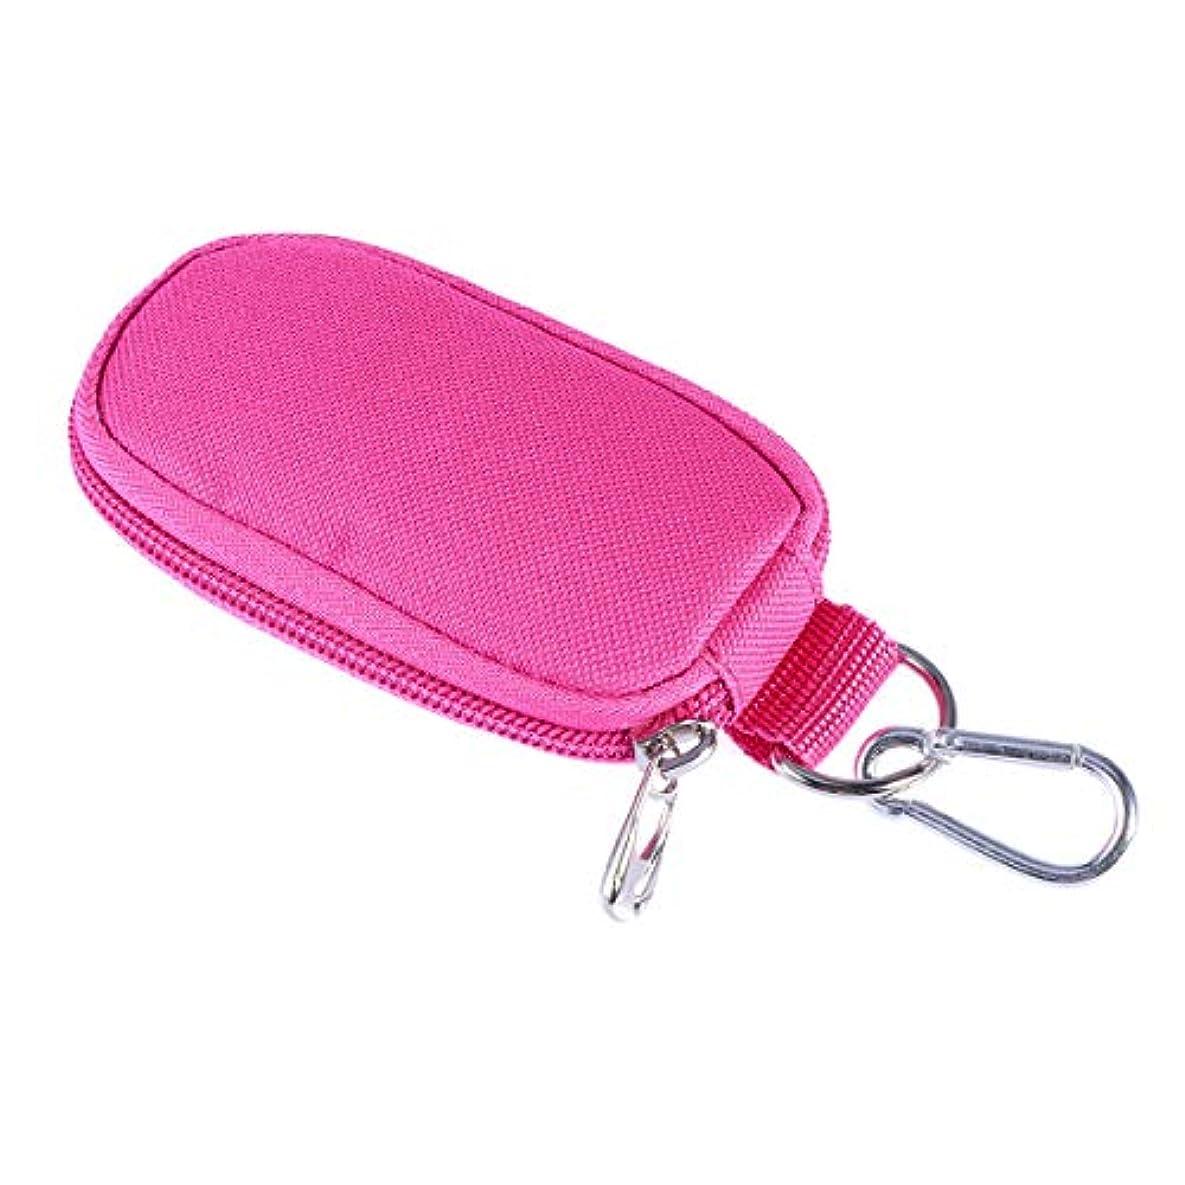 電気人物十分なHealifty エッセンシャルオイルケースポータブルハンドルバッグは旅行のための2mlを握ります(ローズレッド)